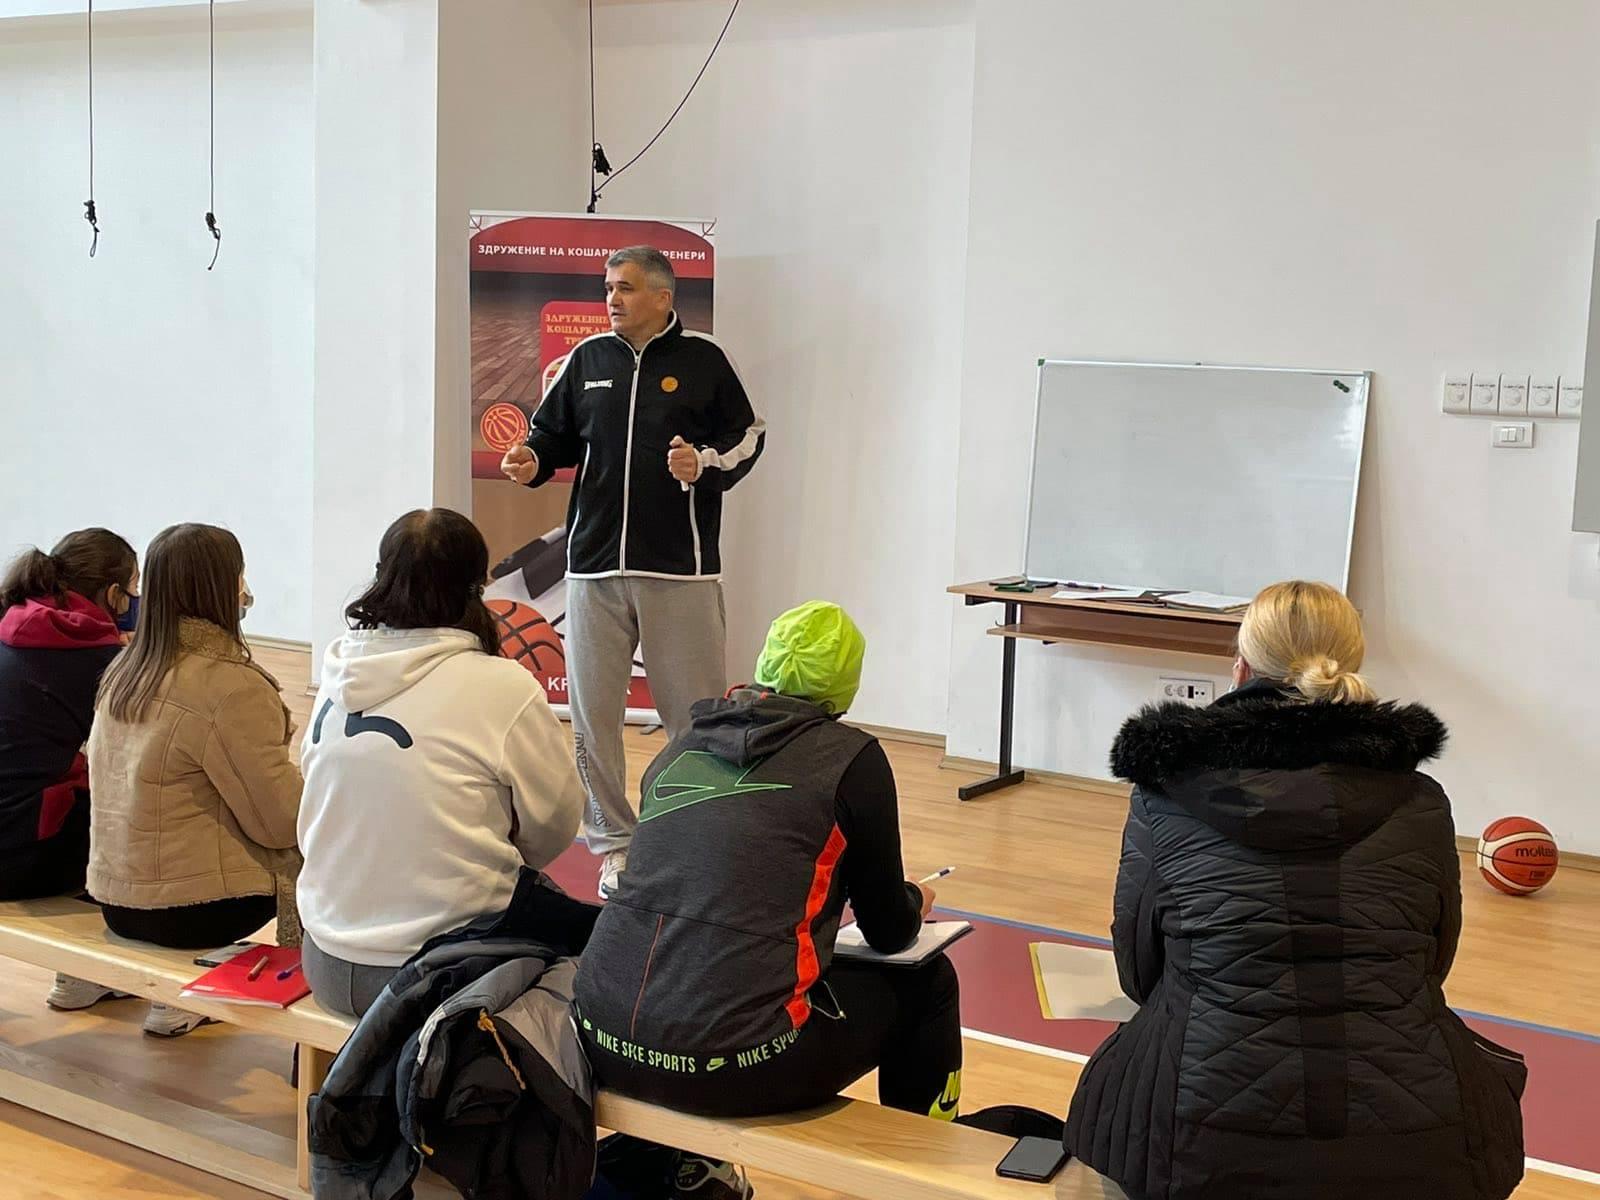 Започна проектот менторирање на тренери кои работат со млади категории на кошаркарки